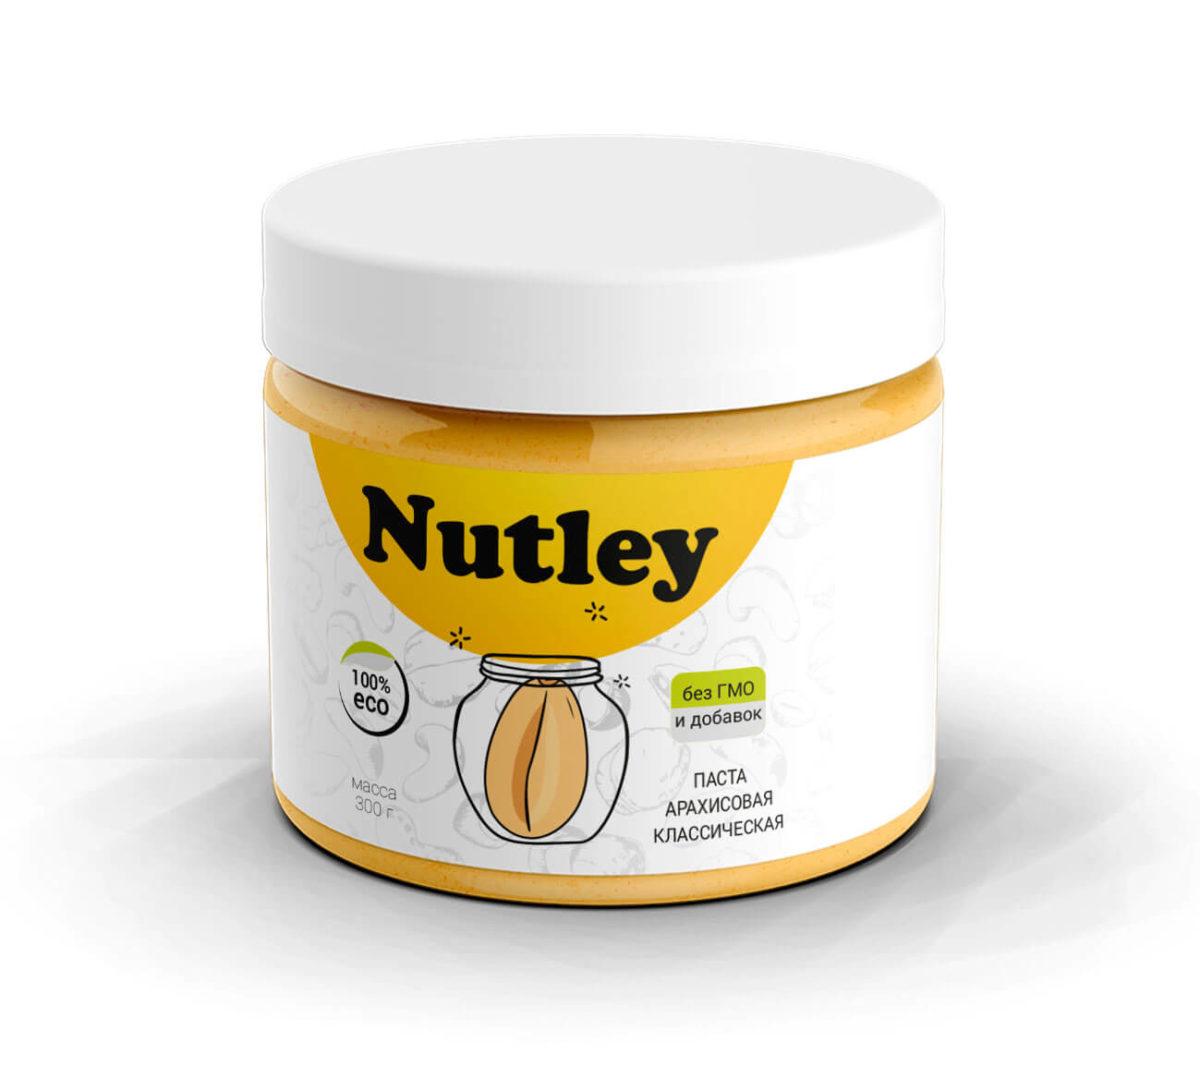 Арахисовая паста классическая Nutley (300г)